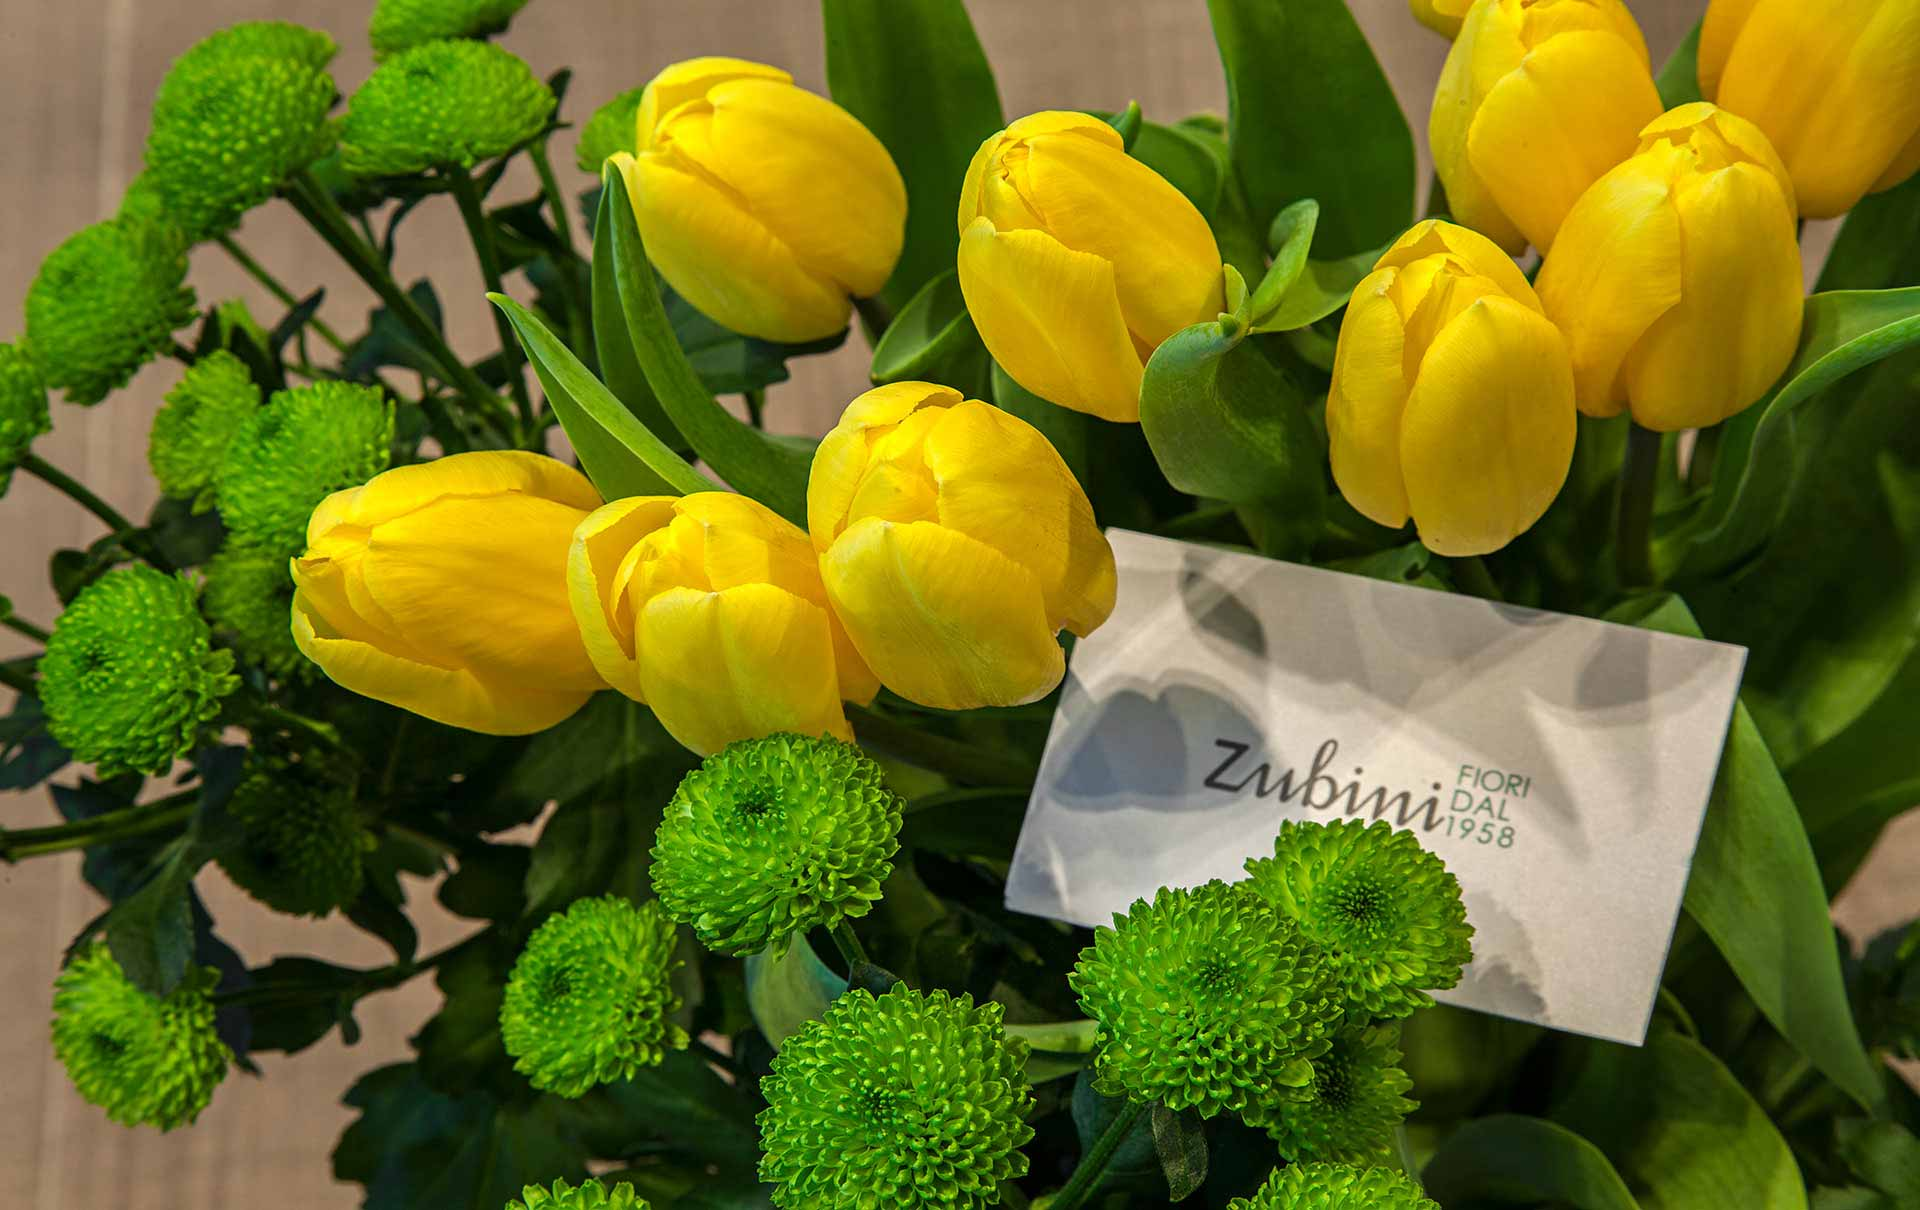 Fiori recisi linguaggio dei fiori zubini - Geranio giallo ...